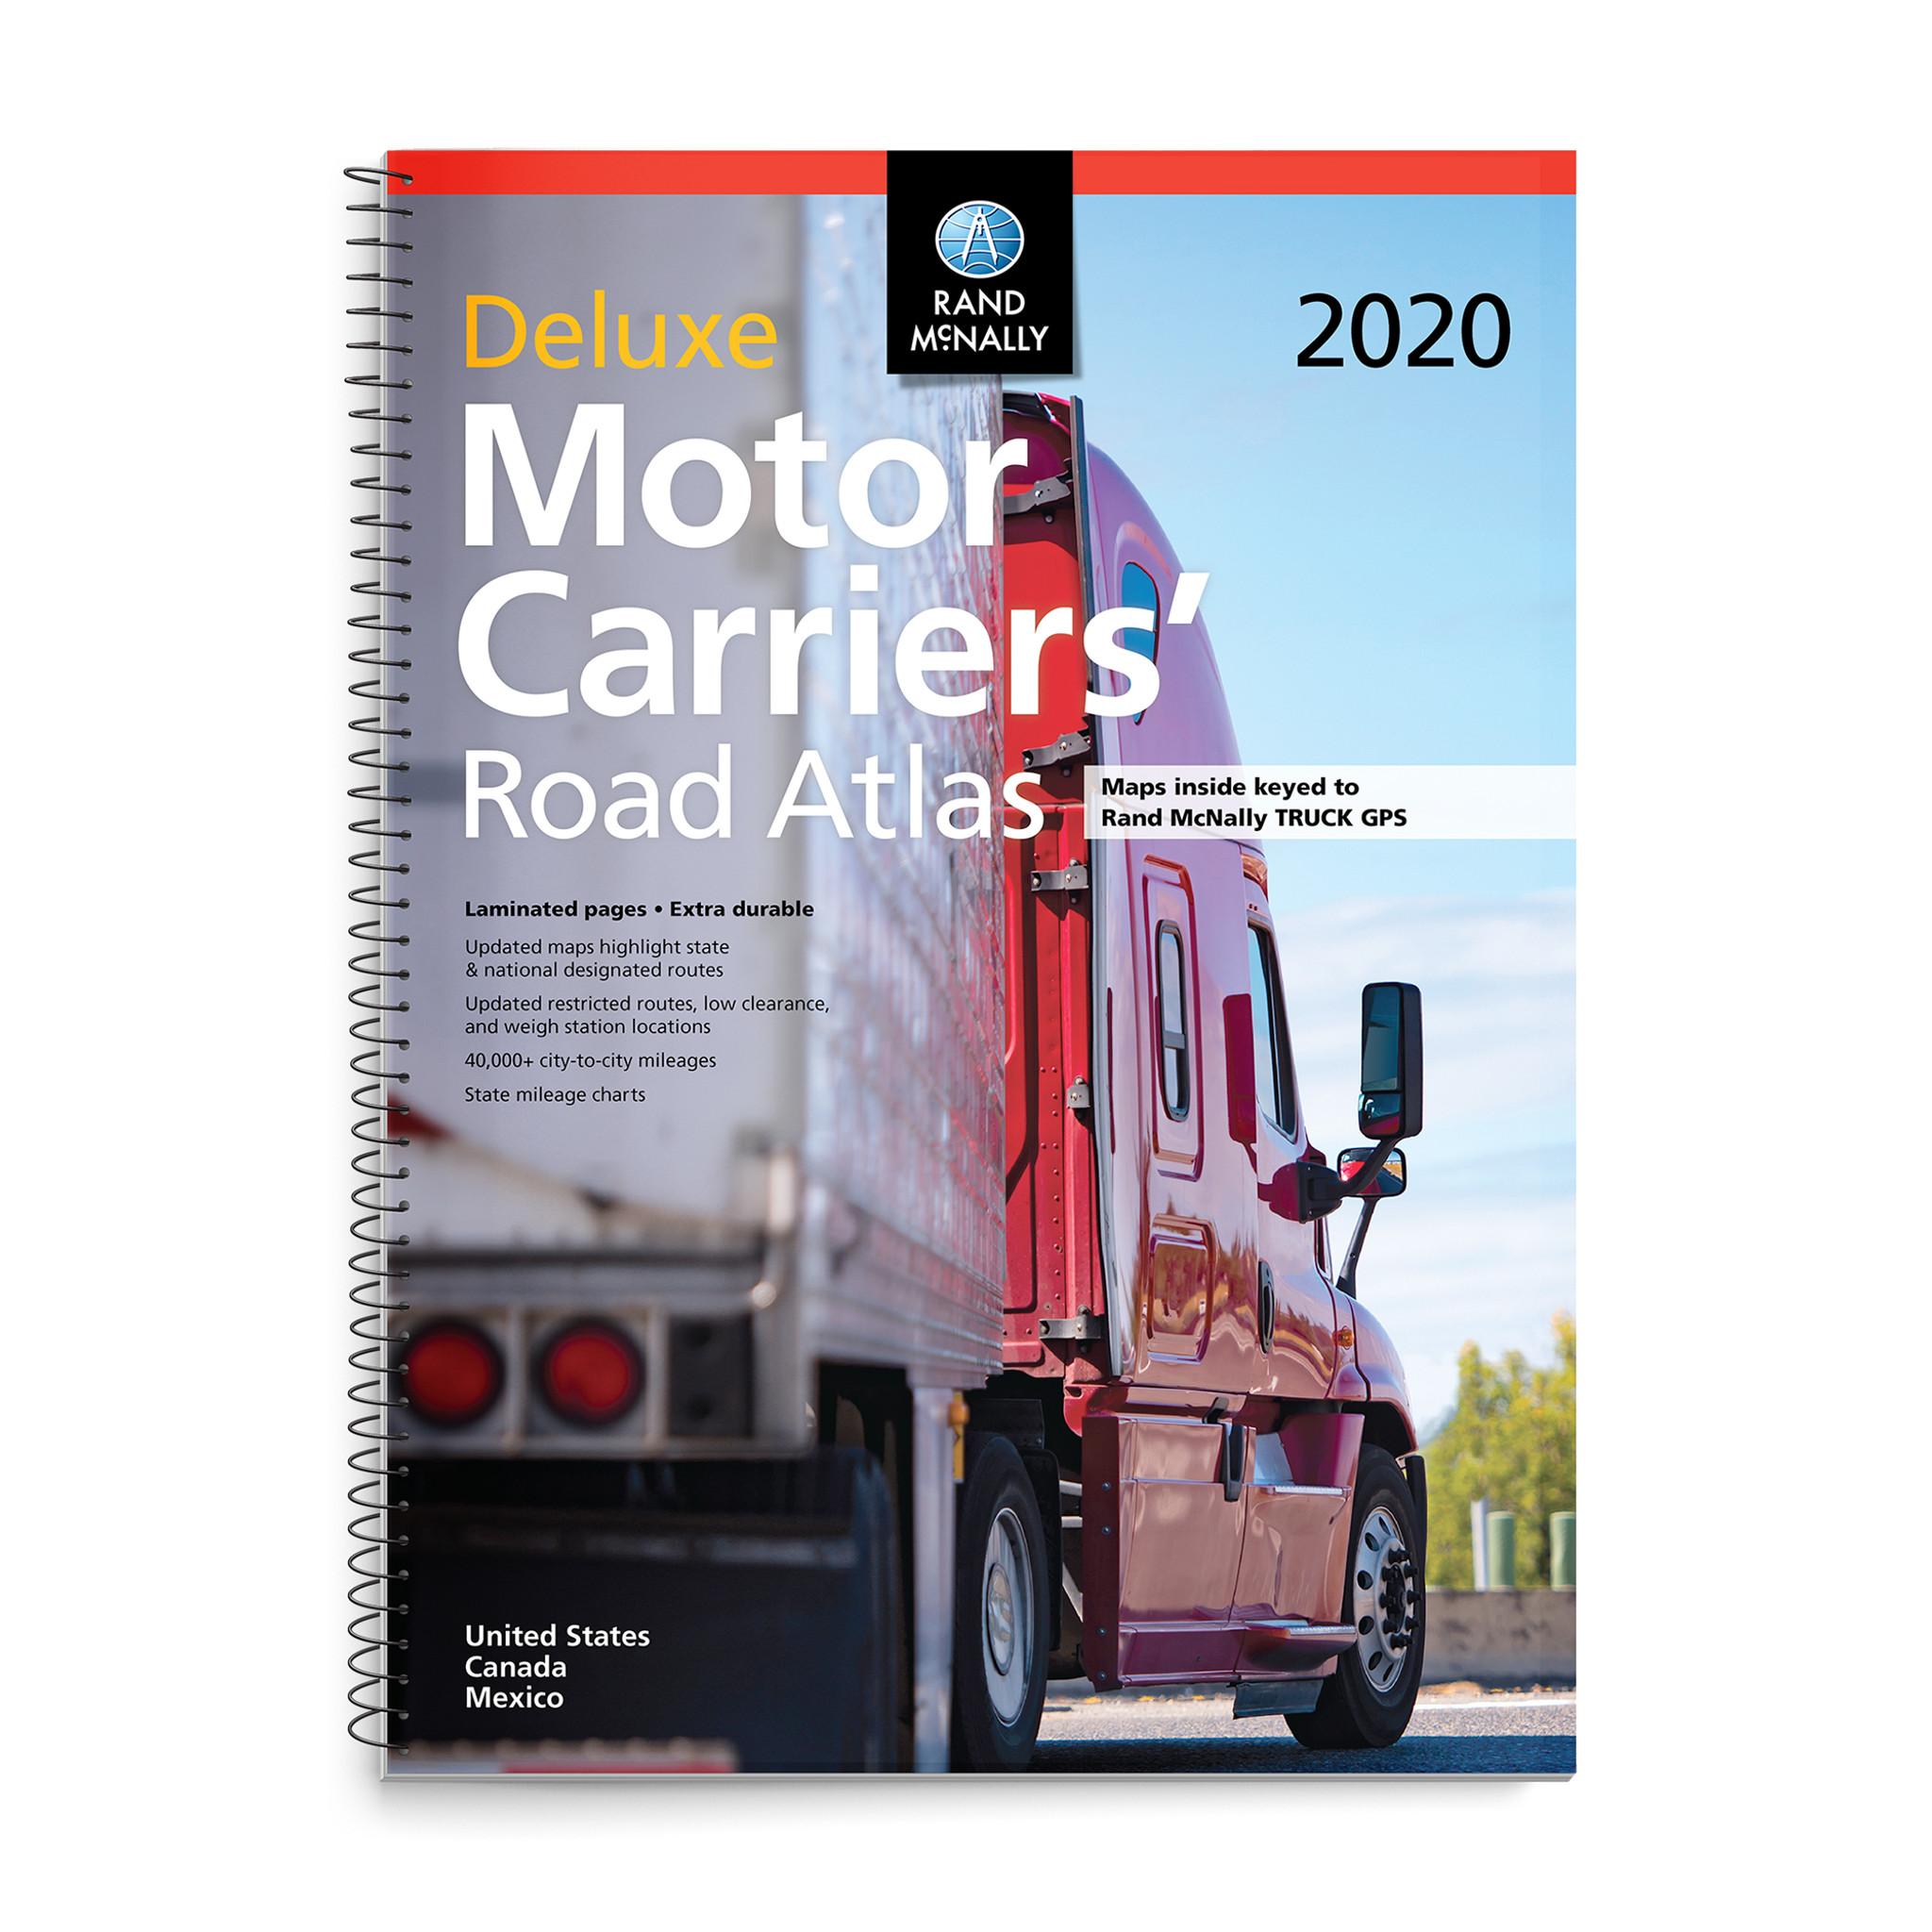 2020 Deluxe Motor Carriers' Road Atlas